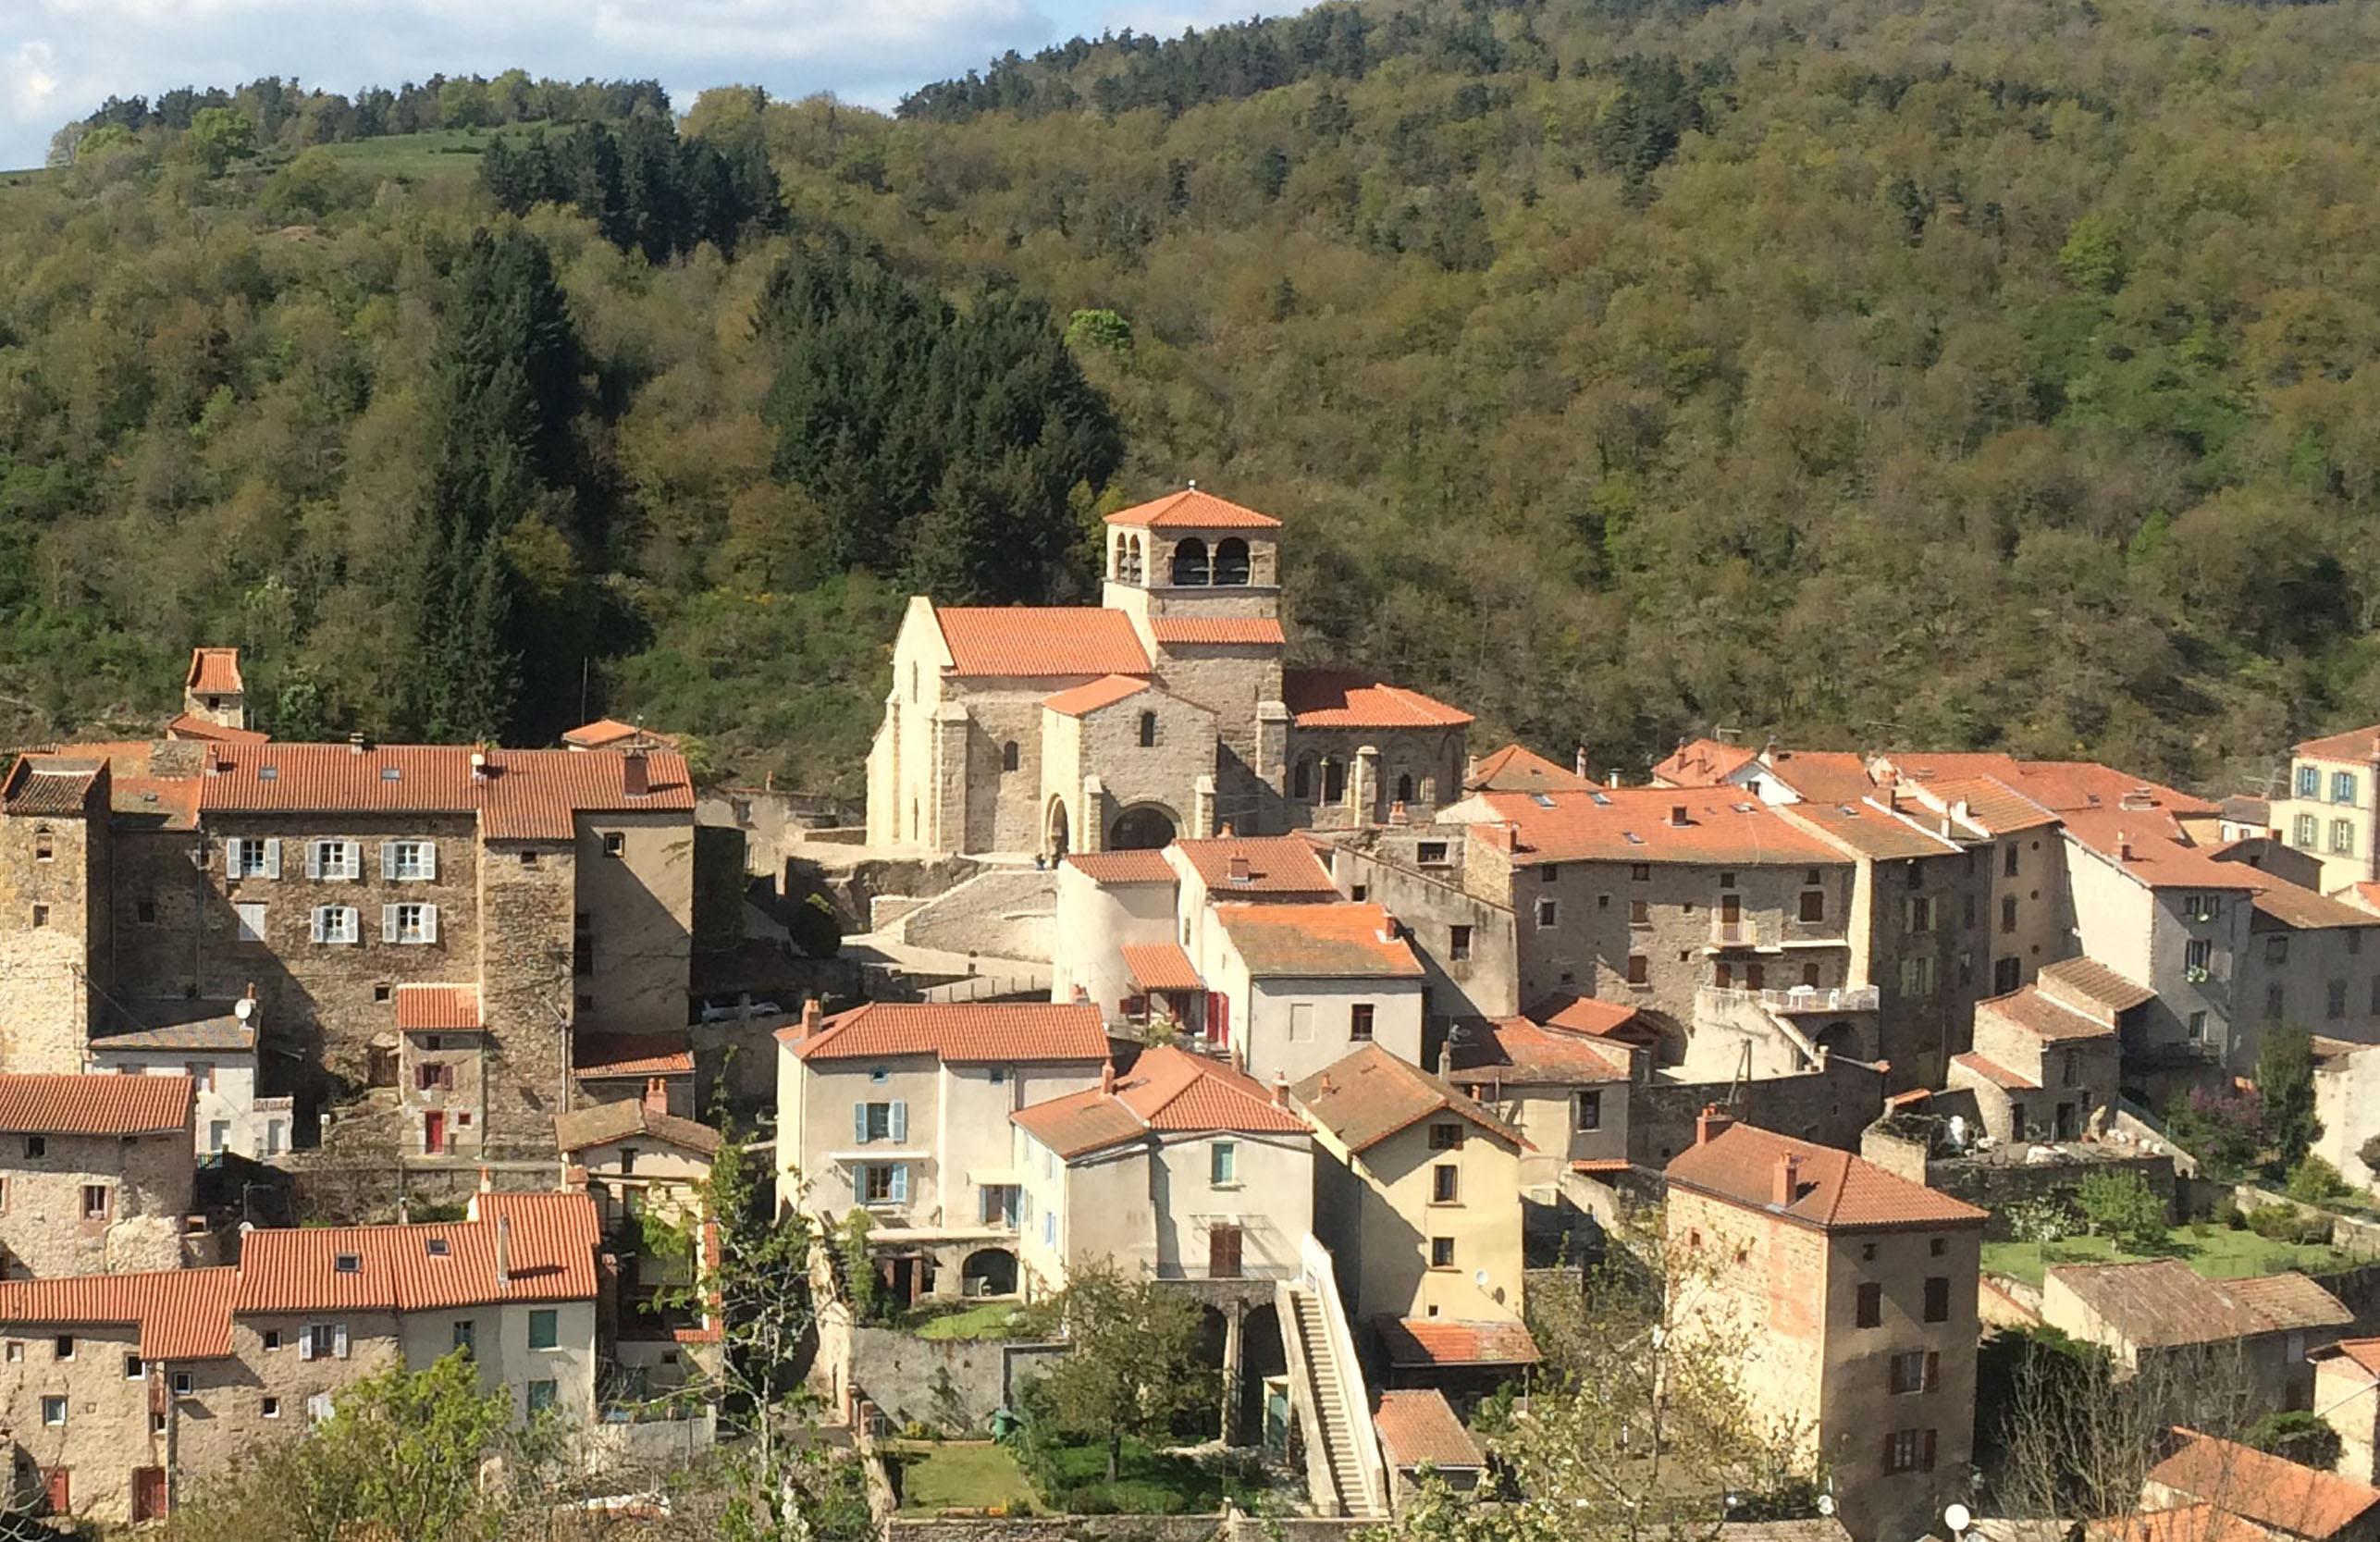 Accueil agence pierre yves caillault acmh for Architecte en chef des monuments historiques